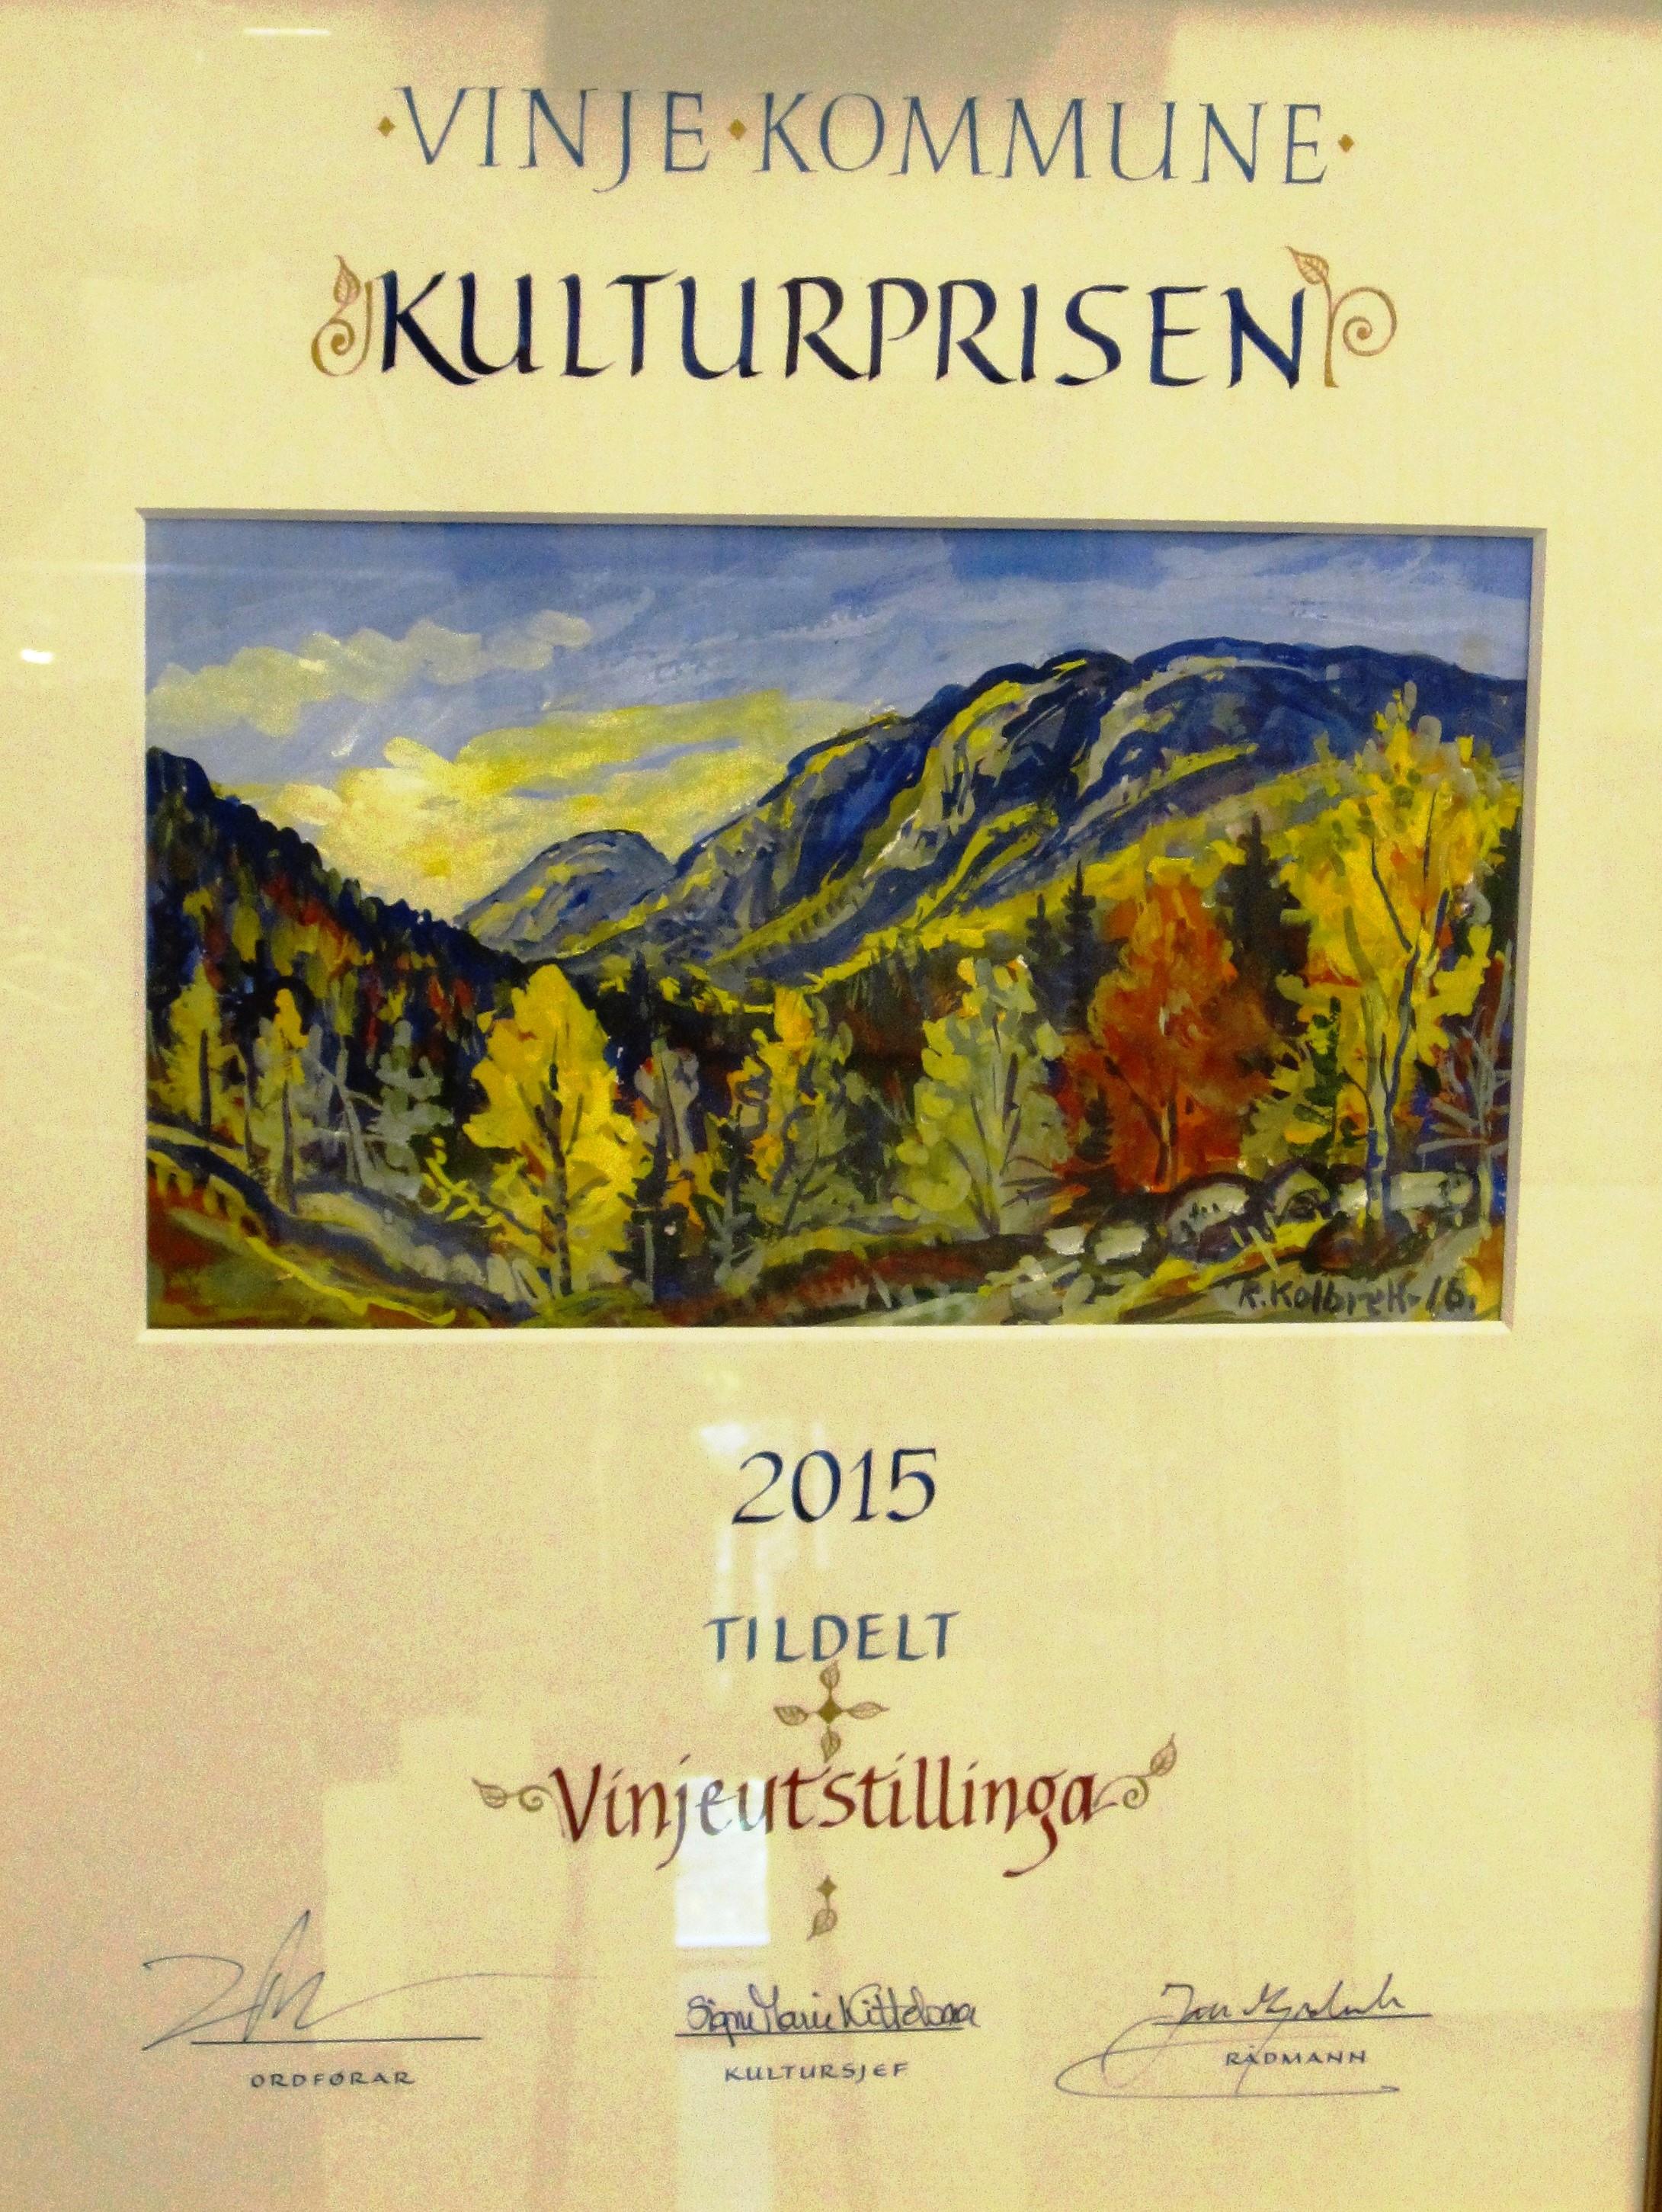 Vinjeutstillinga fekk Vinje kommune sin kulturpris for 2015!